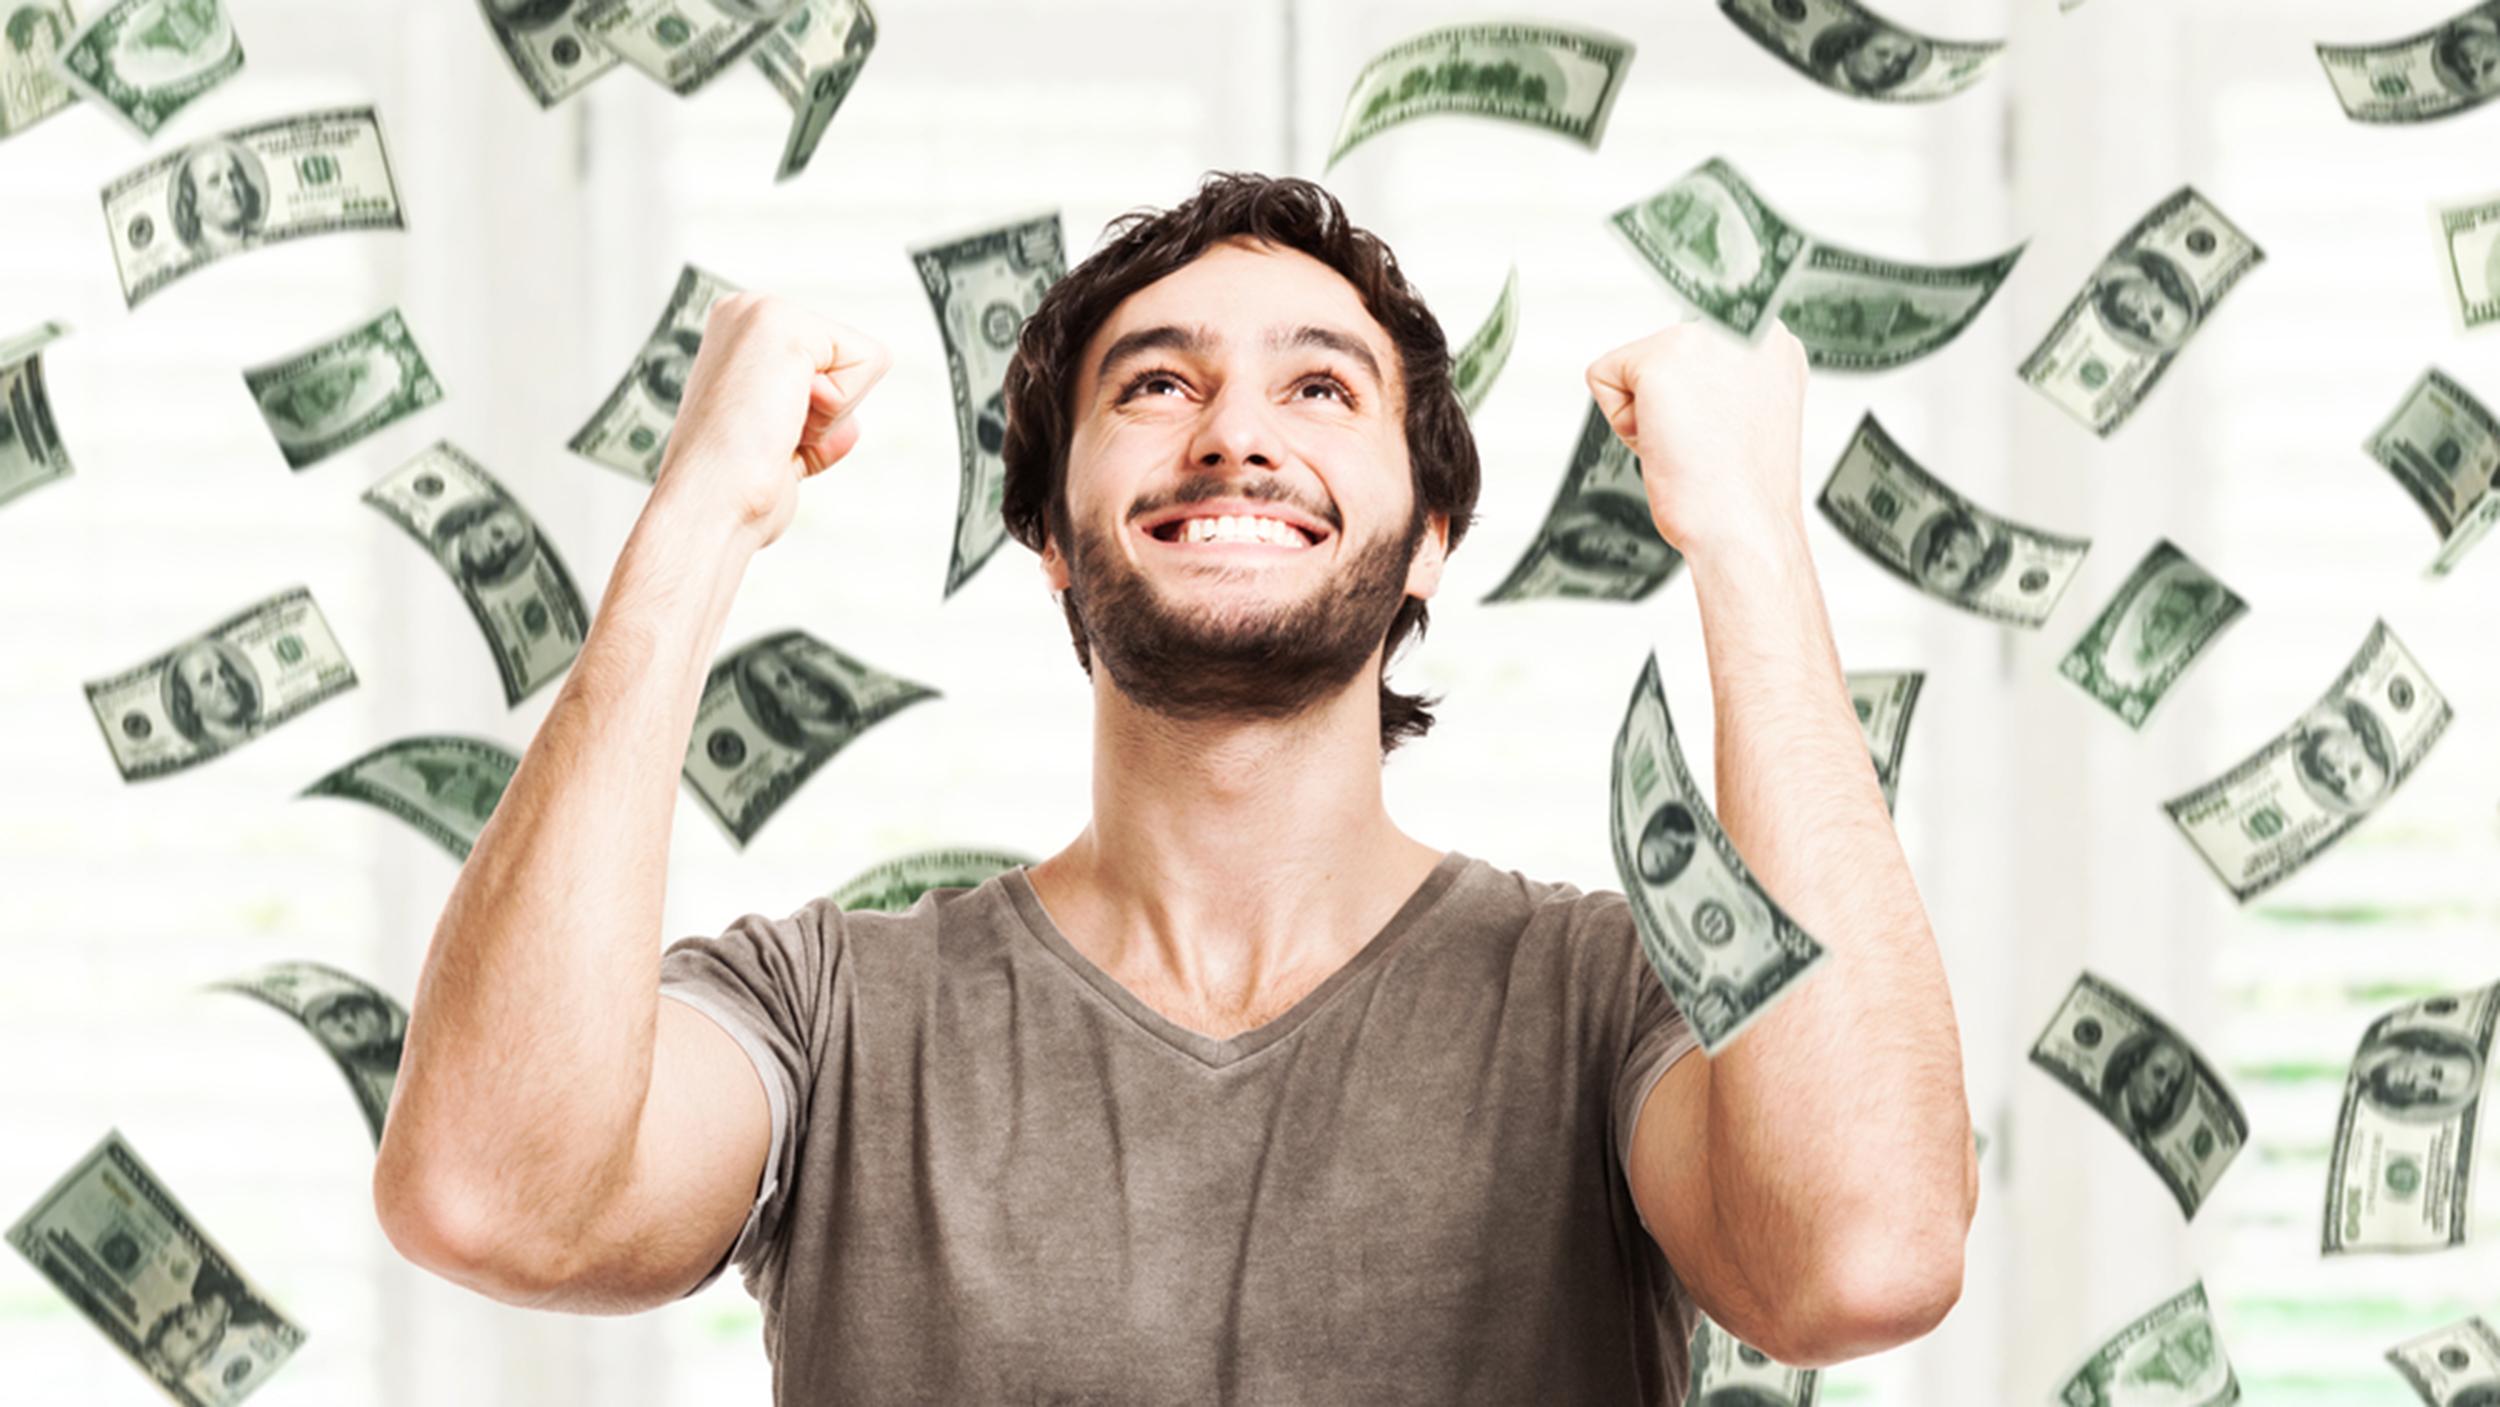 Từ vựng tiếng Anh về tiền bạc - Money (phần 1)